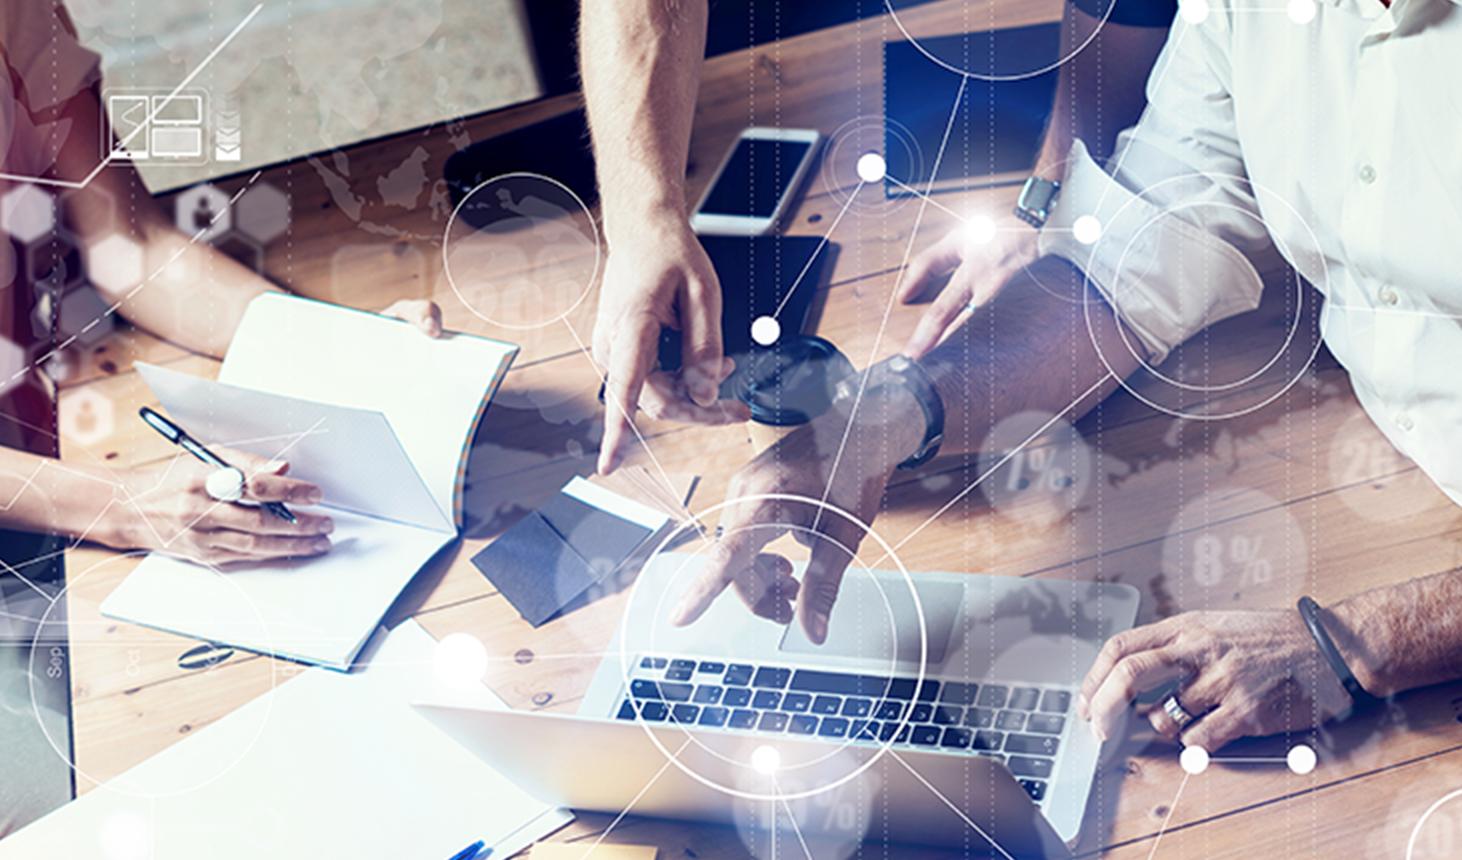 Cursos online – uma chave para aprimoramento pessoal e profissional